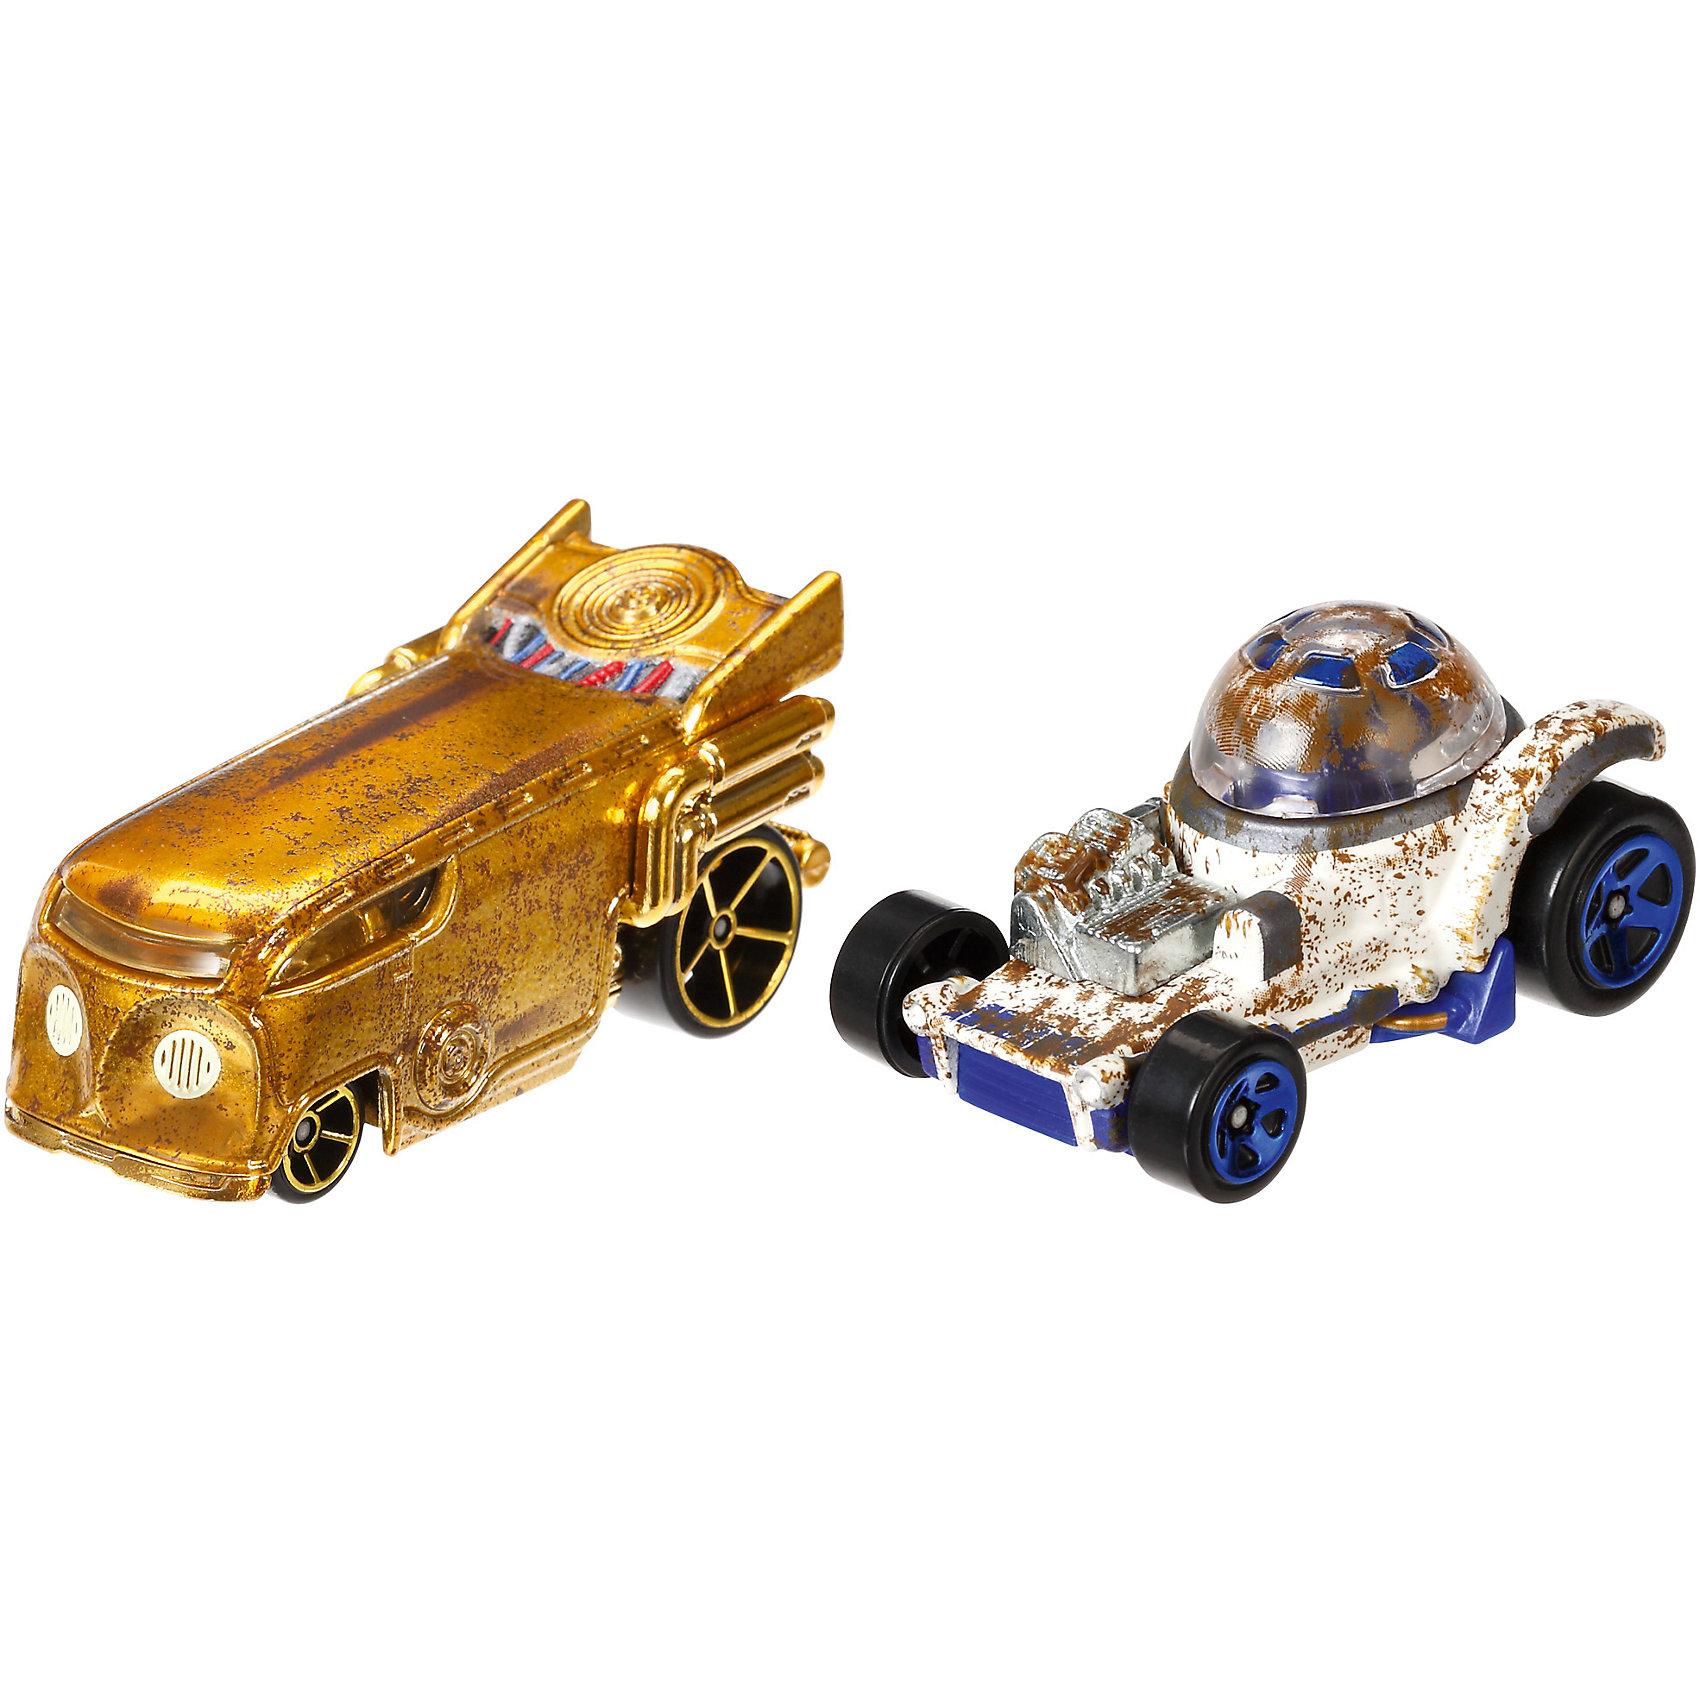 Набор из 2-х машинок Звездные войны, Hot WheelsМашинки<br>Базовые машинки Star Wars, Hot Wheels (Хот Вилс) – этот набор порадует юного автолюбителя и поклонника межгалактических приключений. В этом наборе от Хот Вилс любимые миллионами персонажи «Звездных войн» робот C-3PO и астродроид R2D2 предстают в виде машинок. Несмотря на то, что их внешний вид в фильмах нисколько не походил на машины, каждый персонаж прекрасно узнаваем по цветам и характерным деталям, которые перешли от героев в дизайн автомобилей. Машинки понравятся поклонникам всех возрастов: соберите полную коллекцию и устраивайте гонки по всей галактике!  <br><br>Дополнительная информация:  <br>- В комплекте: 2 машины <br>- Масштаб: 1:64 <br>- Материал: пластик, металл <br>- Упаковка: блистер на картоне <br>- Размер упаковки: 20,3 x 6,4 x 16,5 см.  <br><br>Базовые машинки Star Wars, Hot Wheels (Хот Вилс) можно купить в нашем интернет-магазине.<br><br>Ширина мм: 65<br>Глубина мм: 205<br>Высота мм: 165<br>Вес г: 166<br>Возраст от месяцев: 48<br>Возраст до месяцев: 120<br>Пол: Мужской<br>Возраст: Детский<br>SKU: 4983085